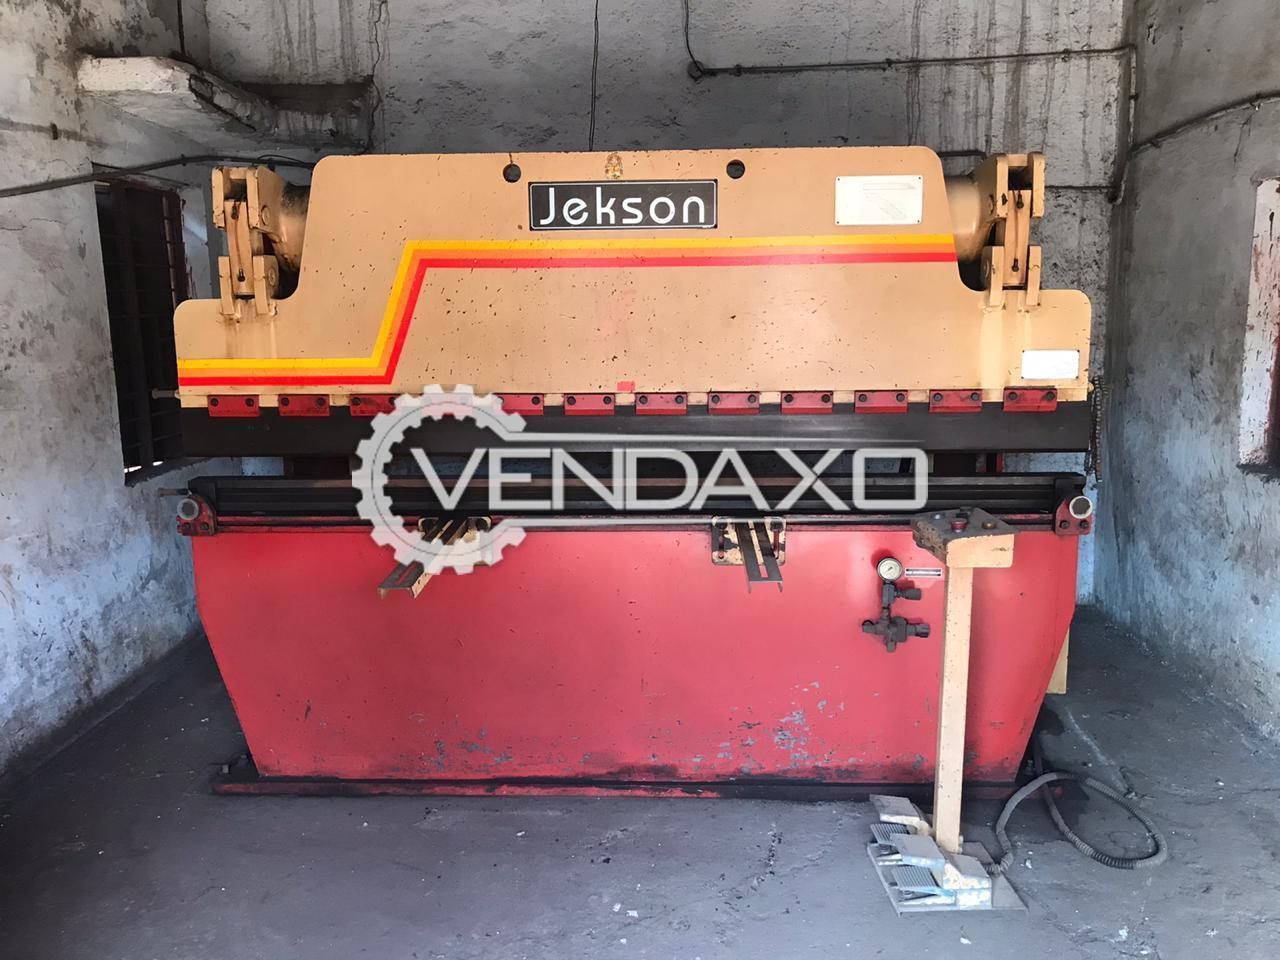 Jekson Make MS Hydraulic Press Brake Machine - 2500 x 4 mm